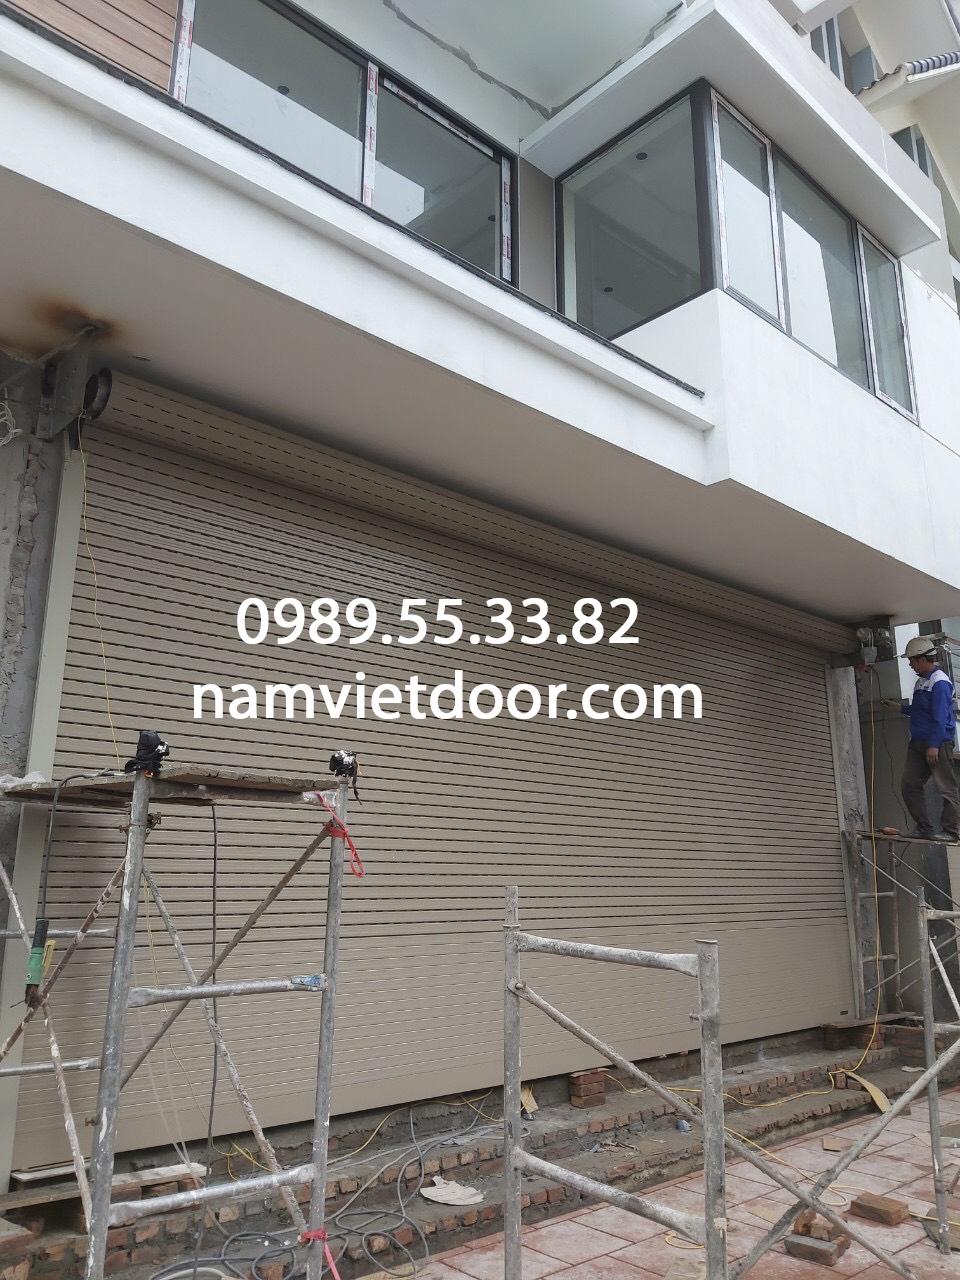 Chuyên cung cấp, dịch vụ sửa chữa cửa cuốn tại Hà Nội.